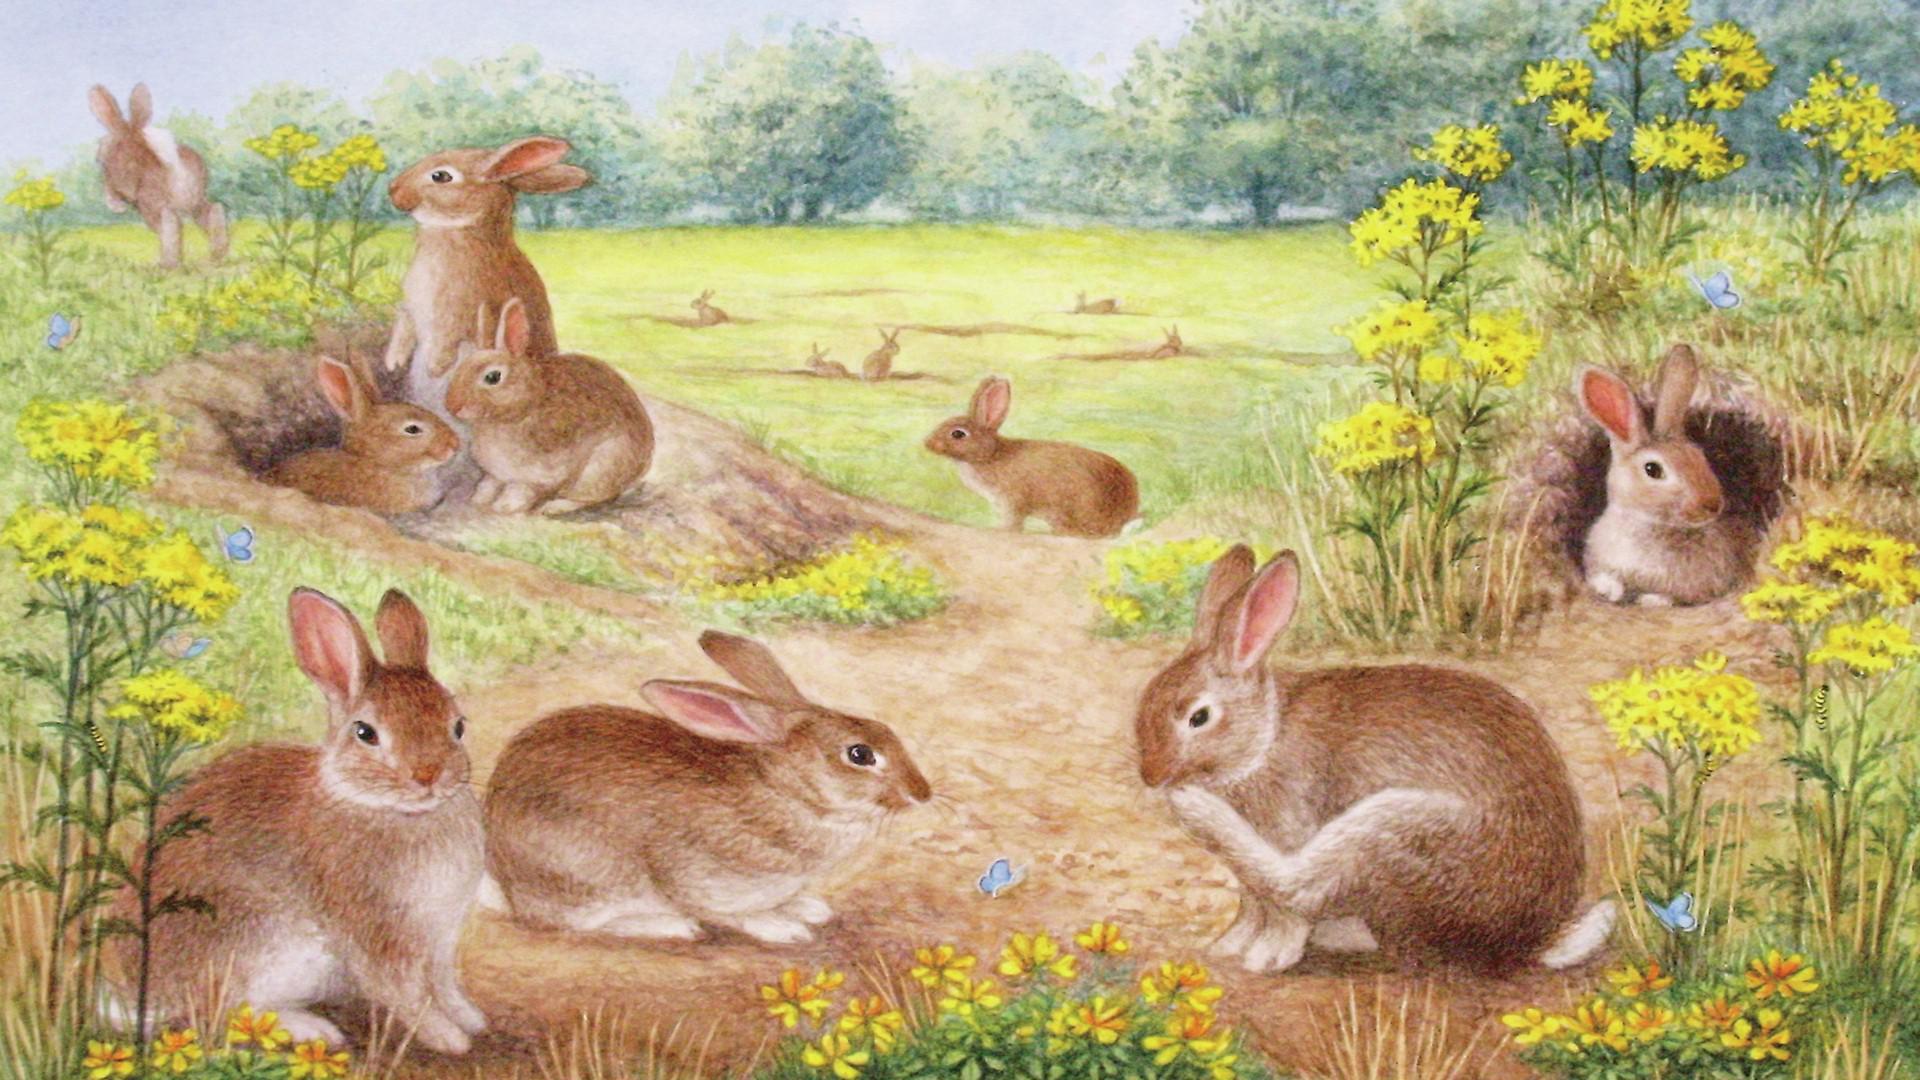 Rabbits Wallpapers